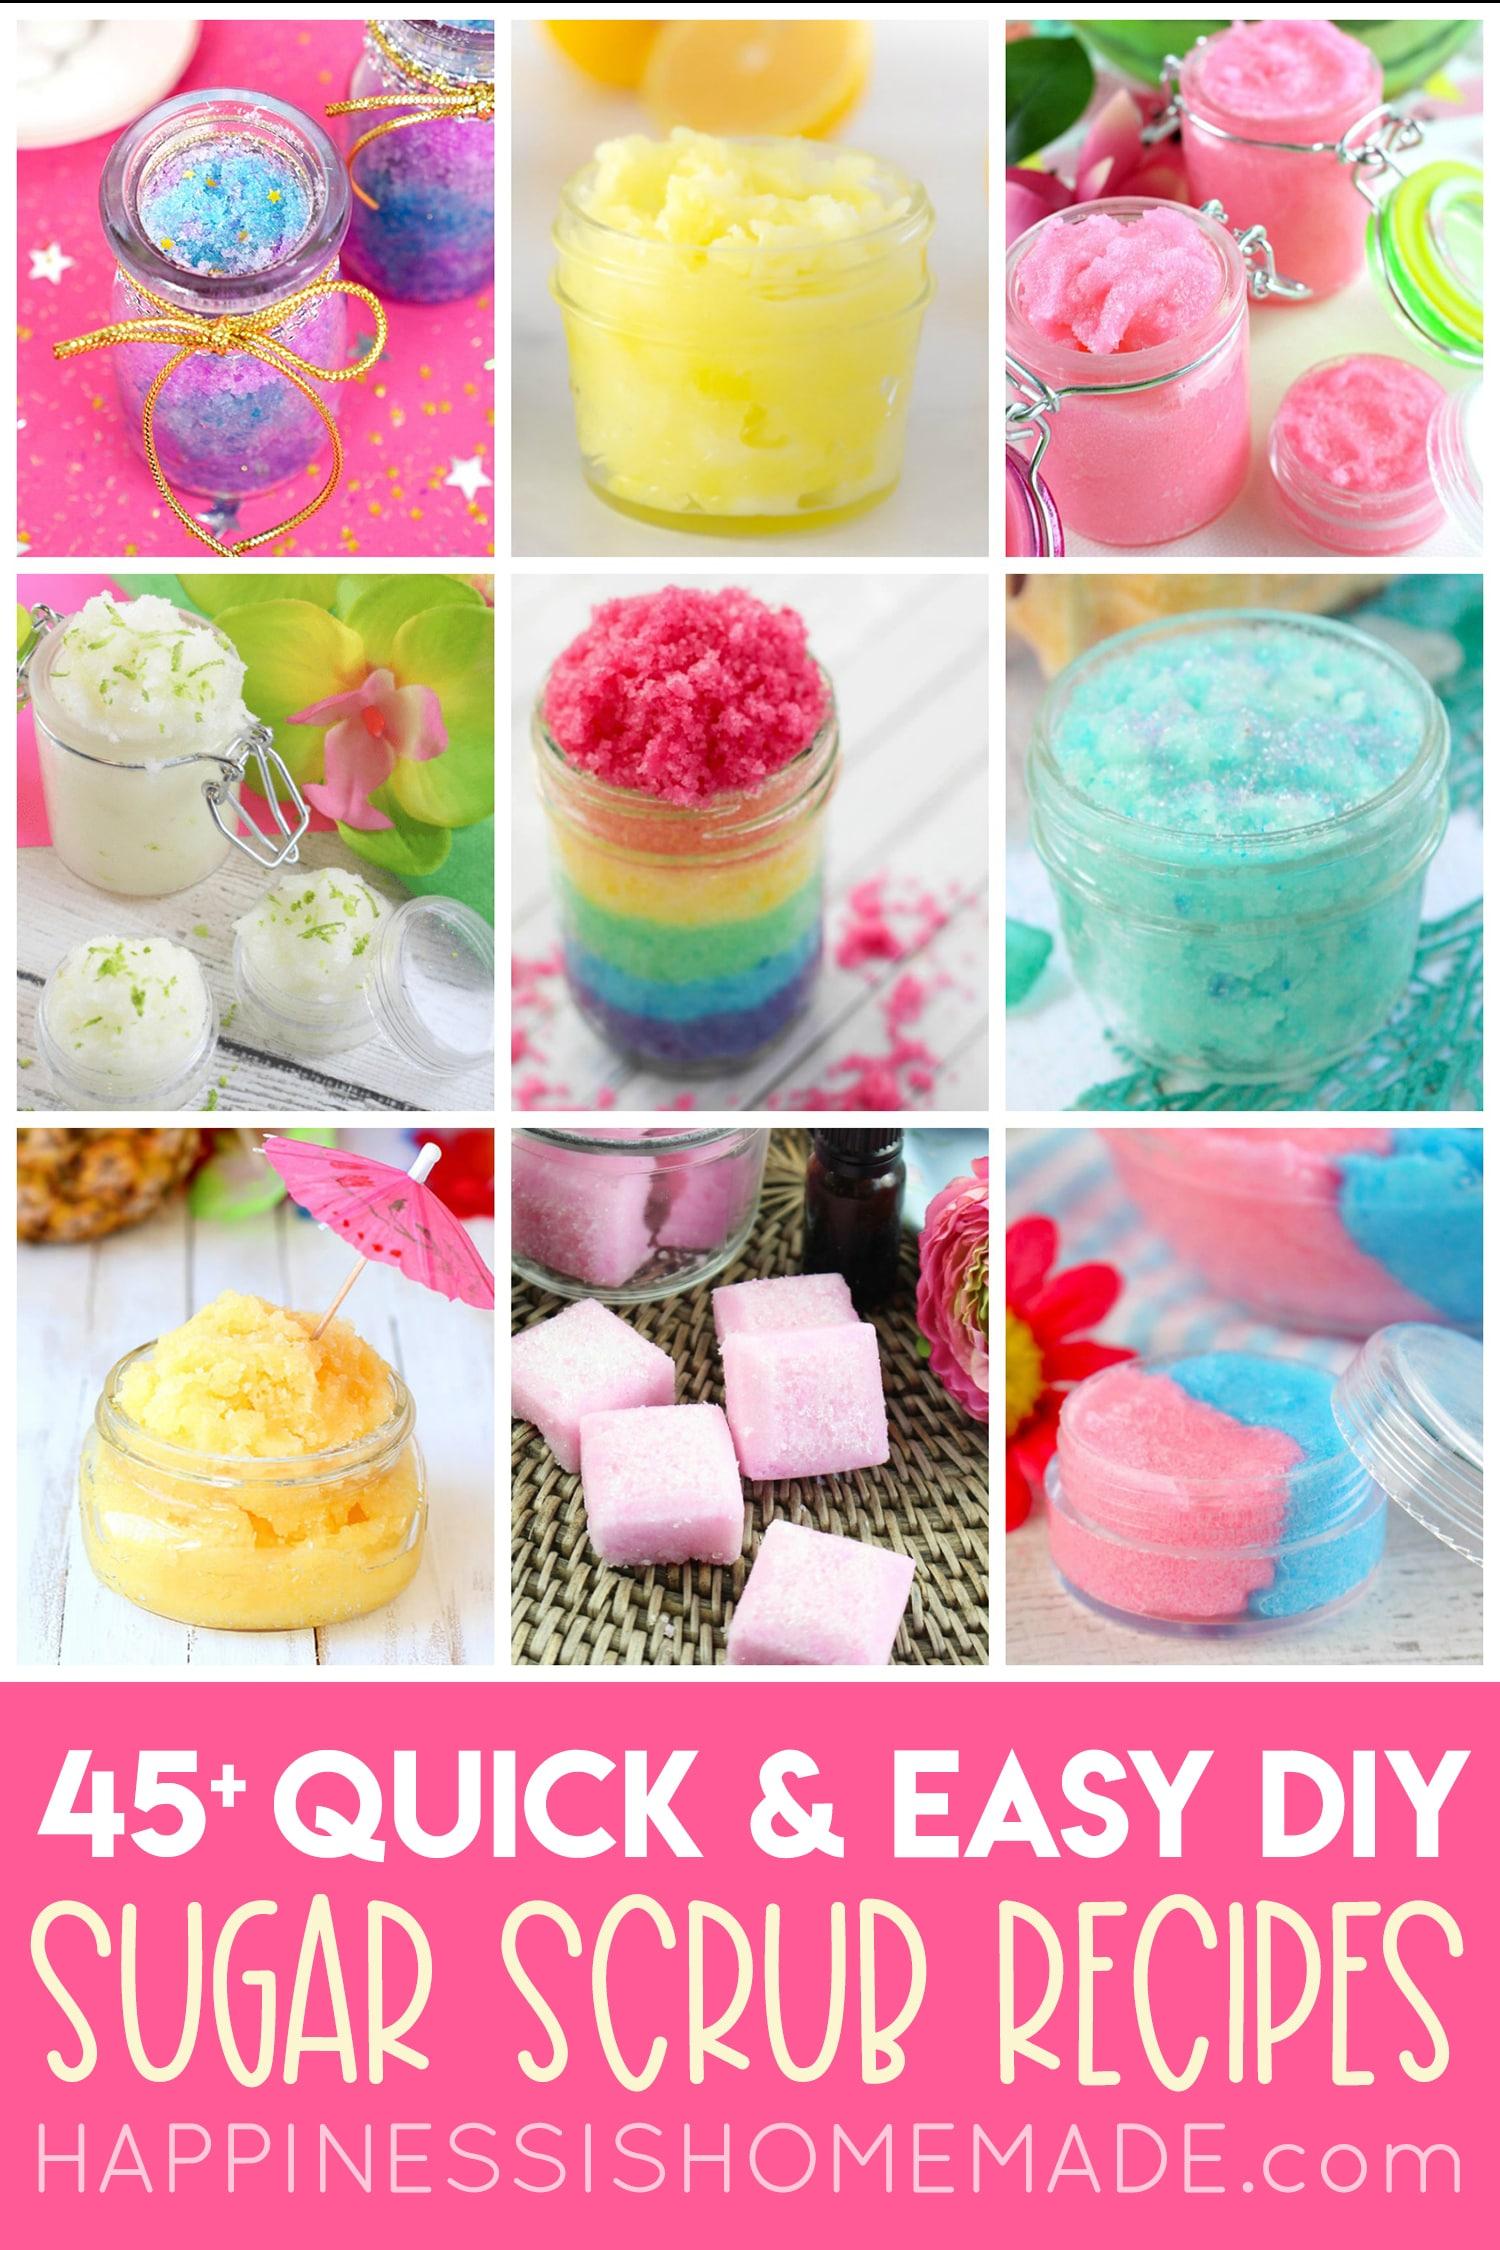 Easy-DIY-Sugar-Scrub-Recipes